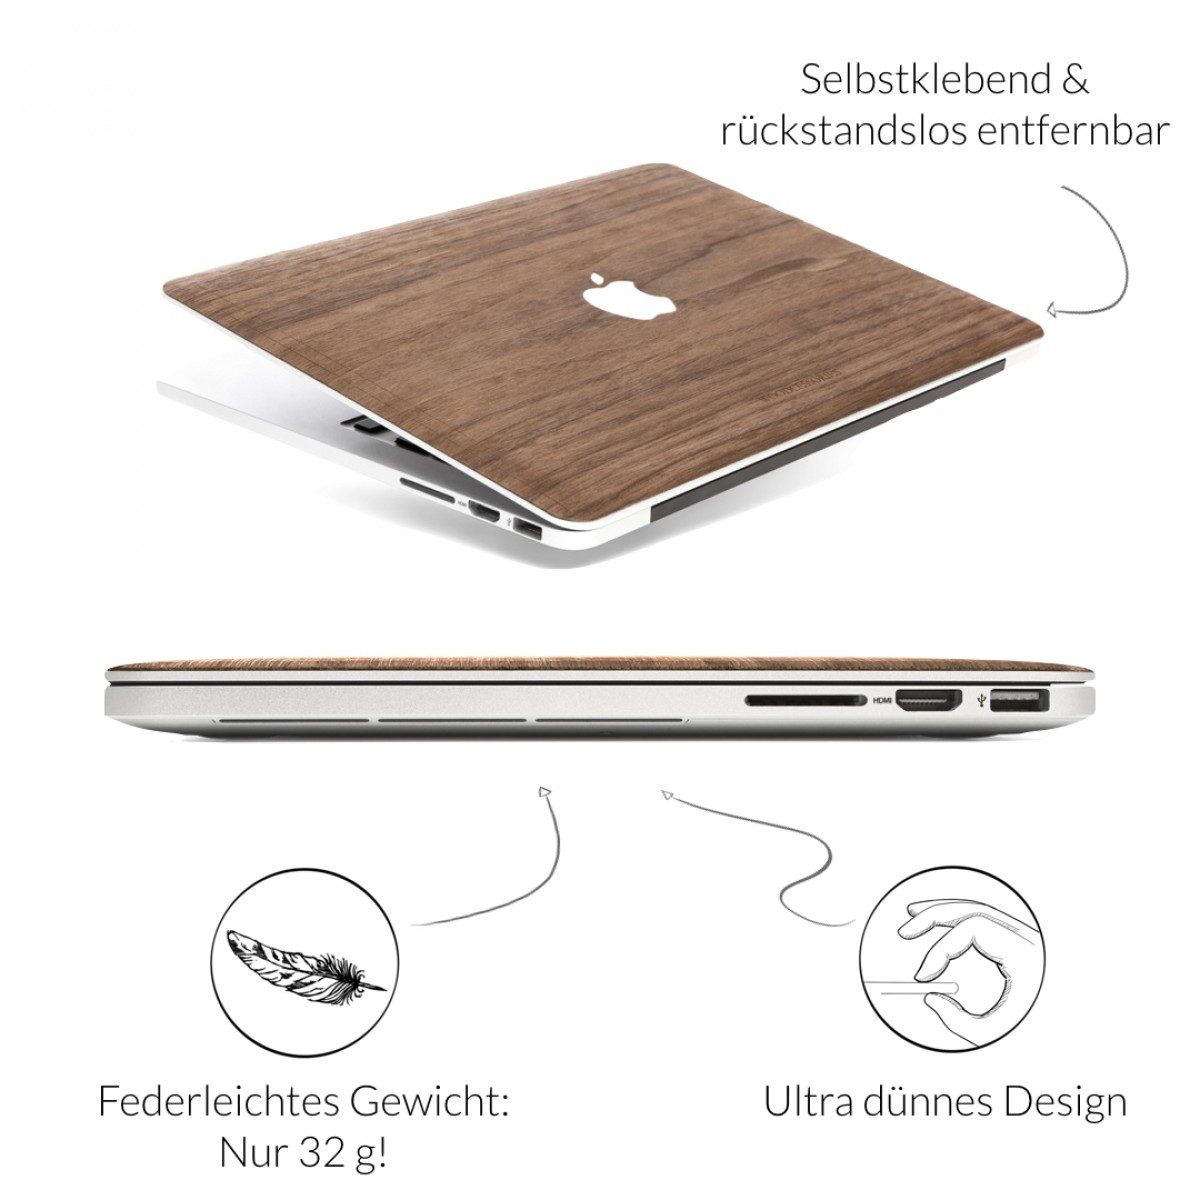 Woodcessories - EcoSkin - Design Apple Macbook Cover, Skin, Schutz für das Macbook mit Apfellogo aus FSC zert. Holz (Macbook 12, Walnuss)